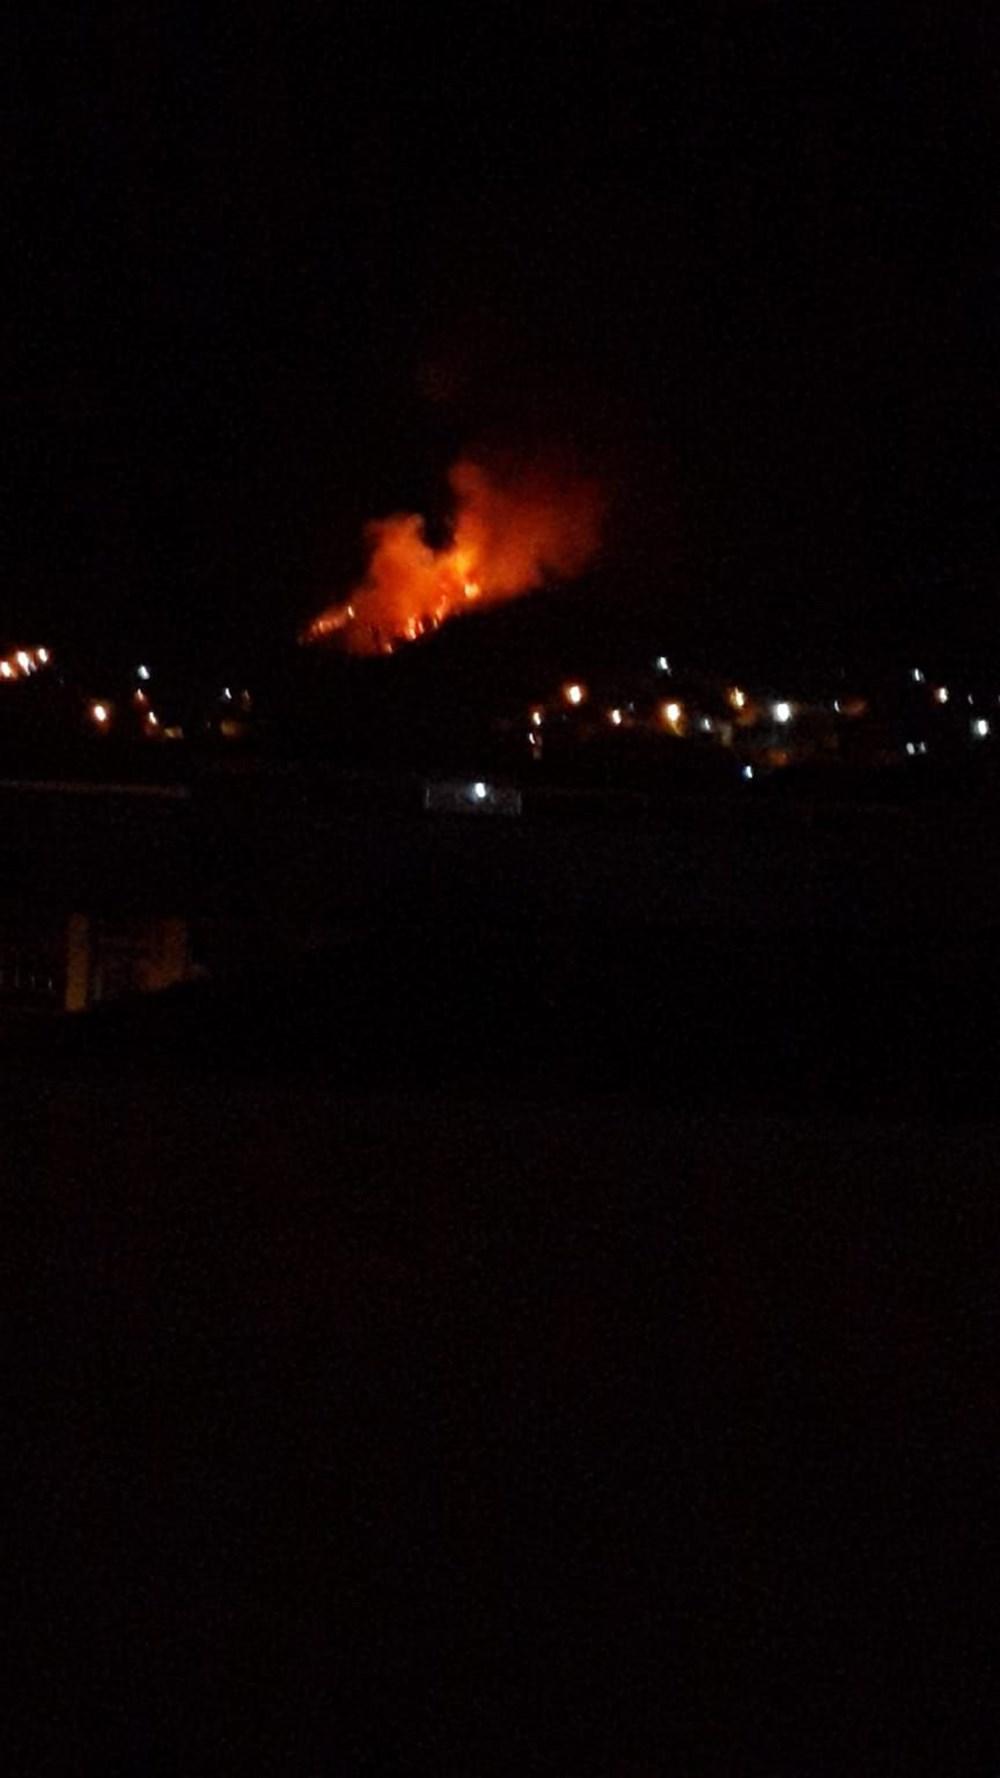 Antalya, Adana, Mersin, Aydın, Muğla, Osmaniye, Kayseri ve Manisa'da orman yangınları - 34